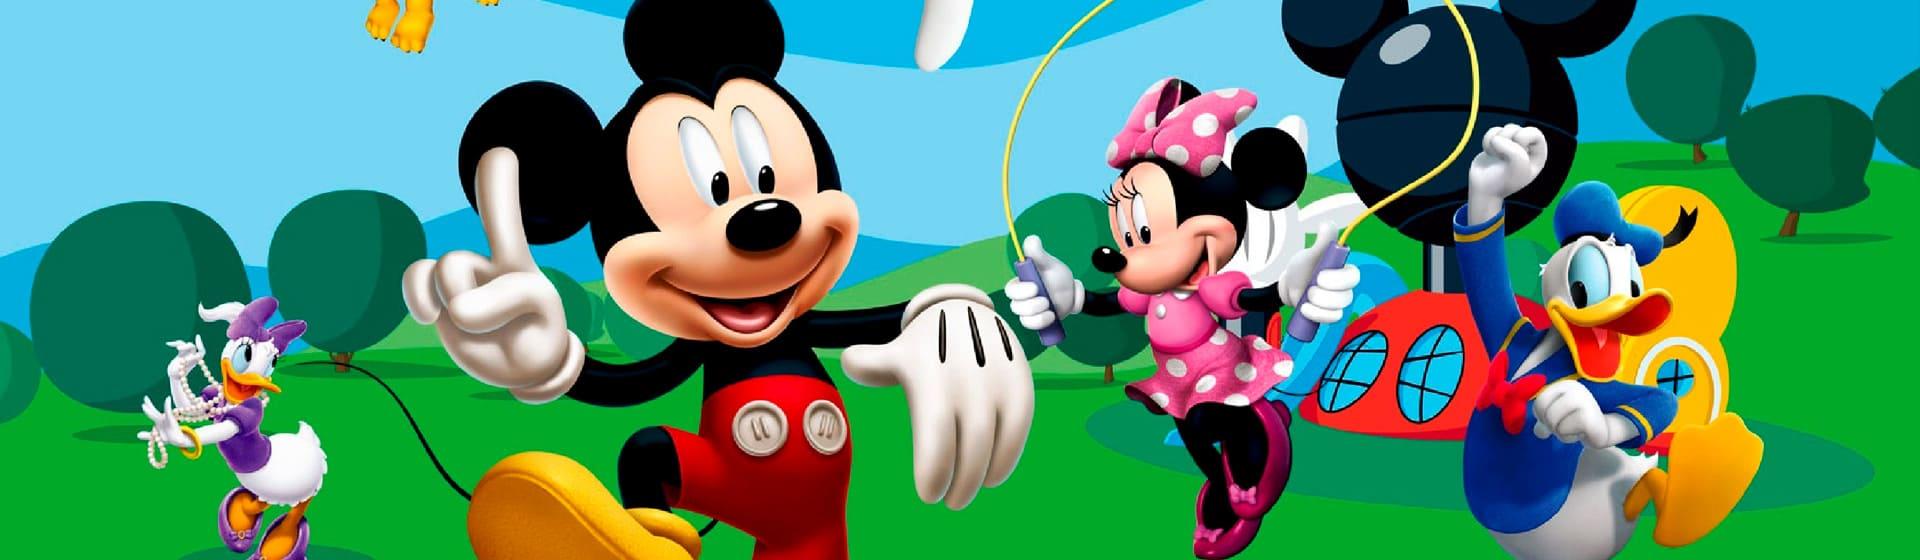 Микки Маус - Мерч и одежда с атрибутикой